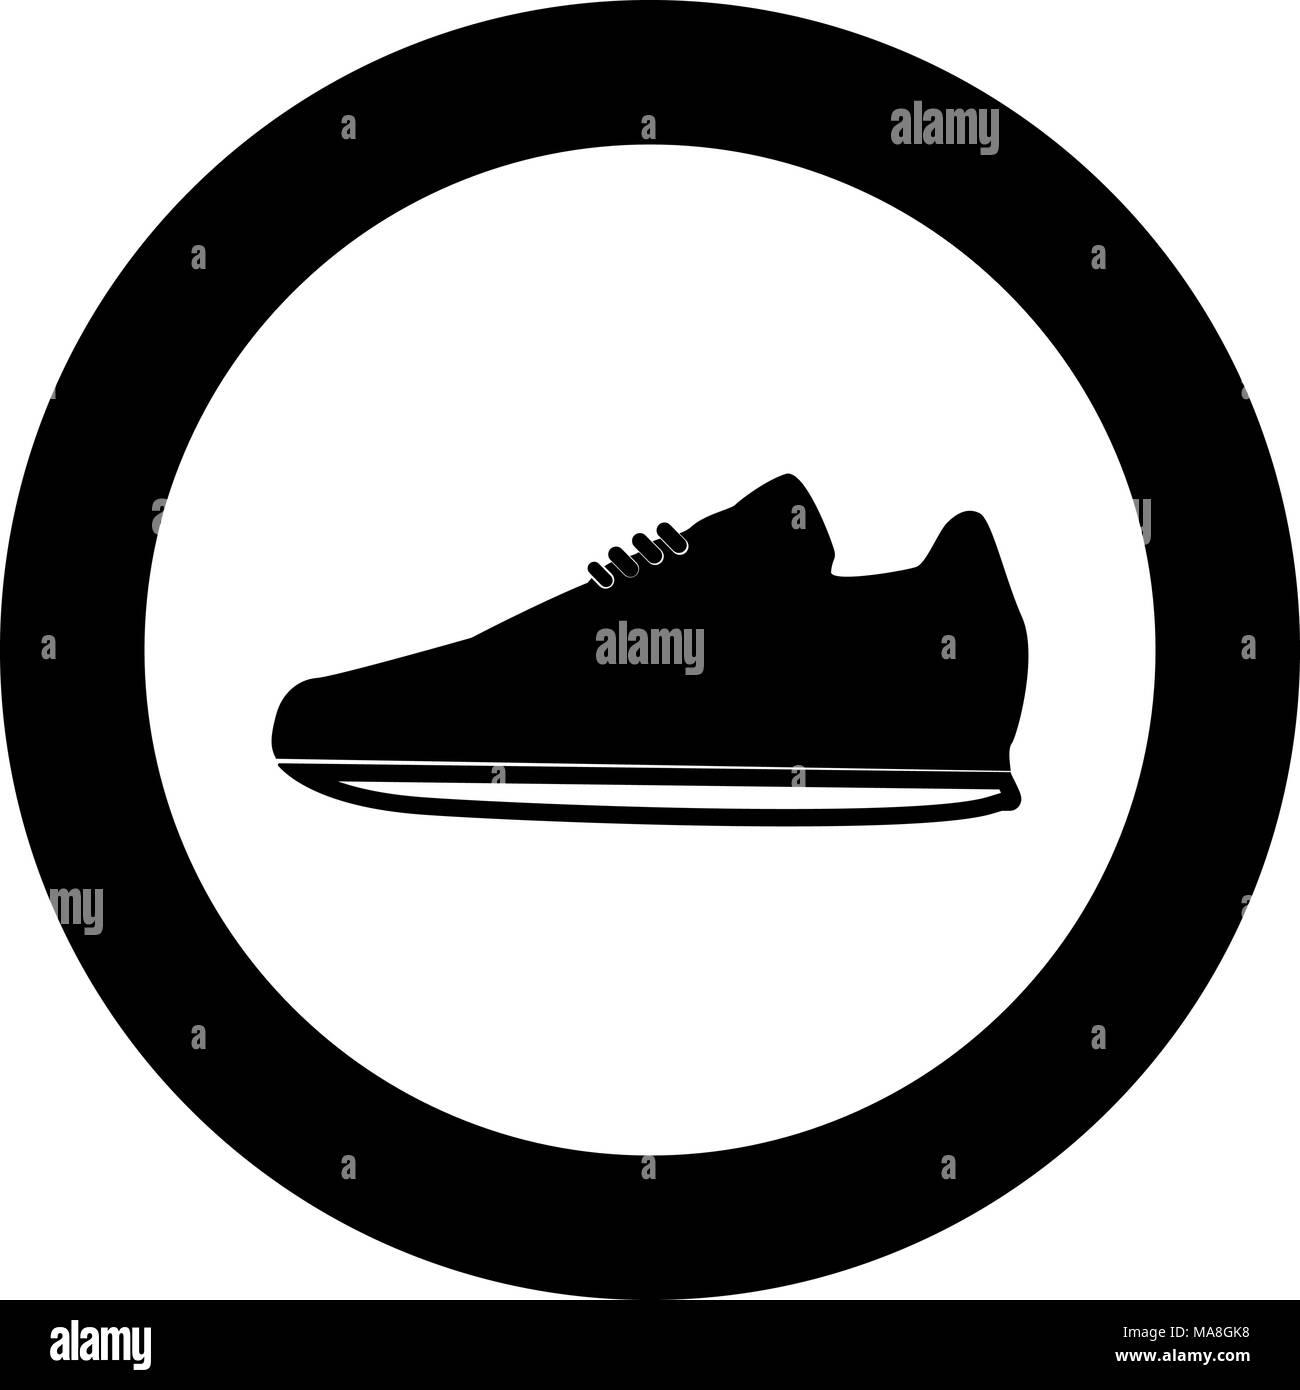 Zapatillas De En Círculo Color Deporte Icono Negro Ilustración 1qwx5C1d